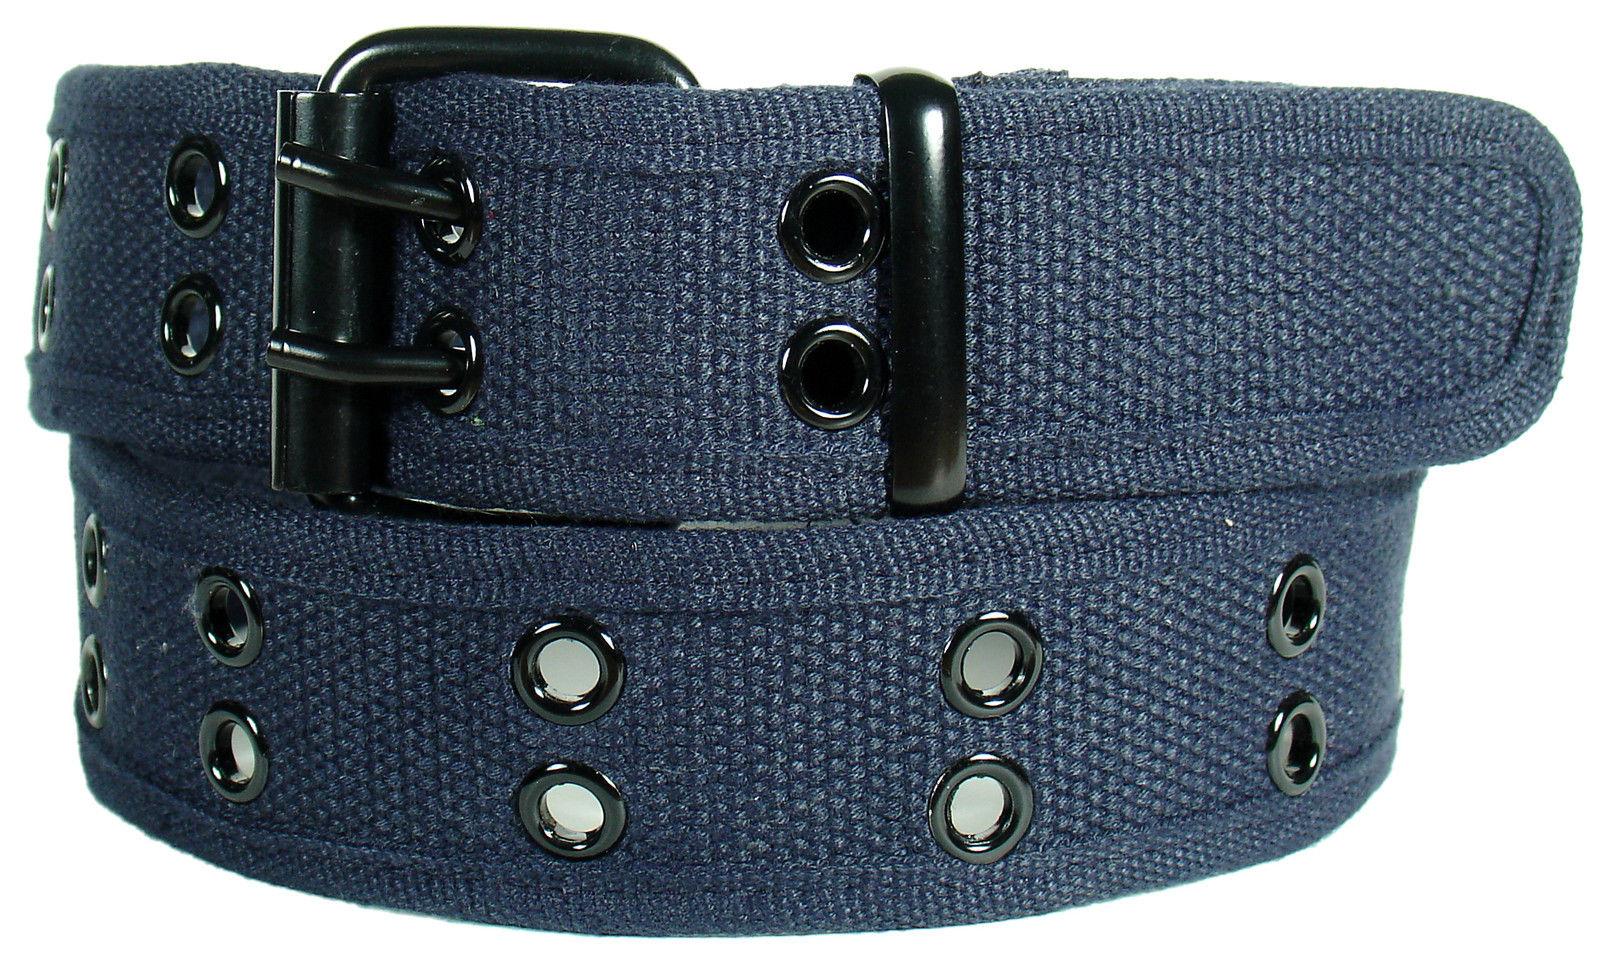 New Canvas Web Belt Two Hole Black Grommets Metal Roller Buckle Fabric Men Women